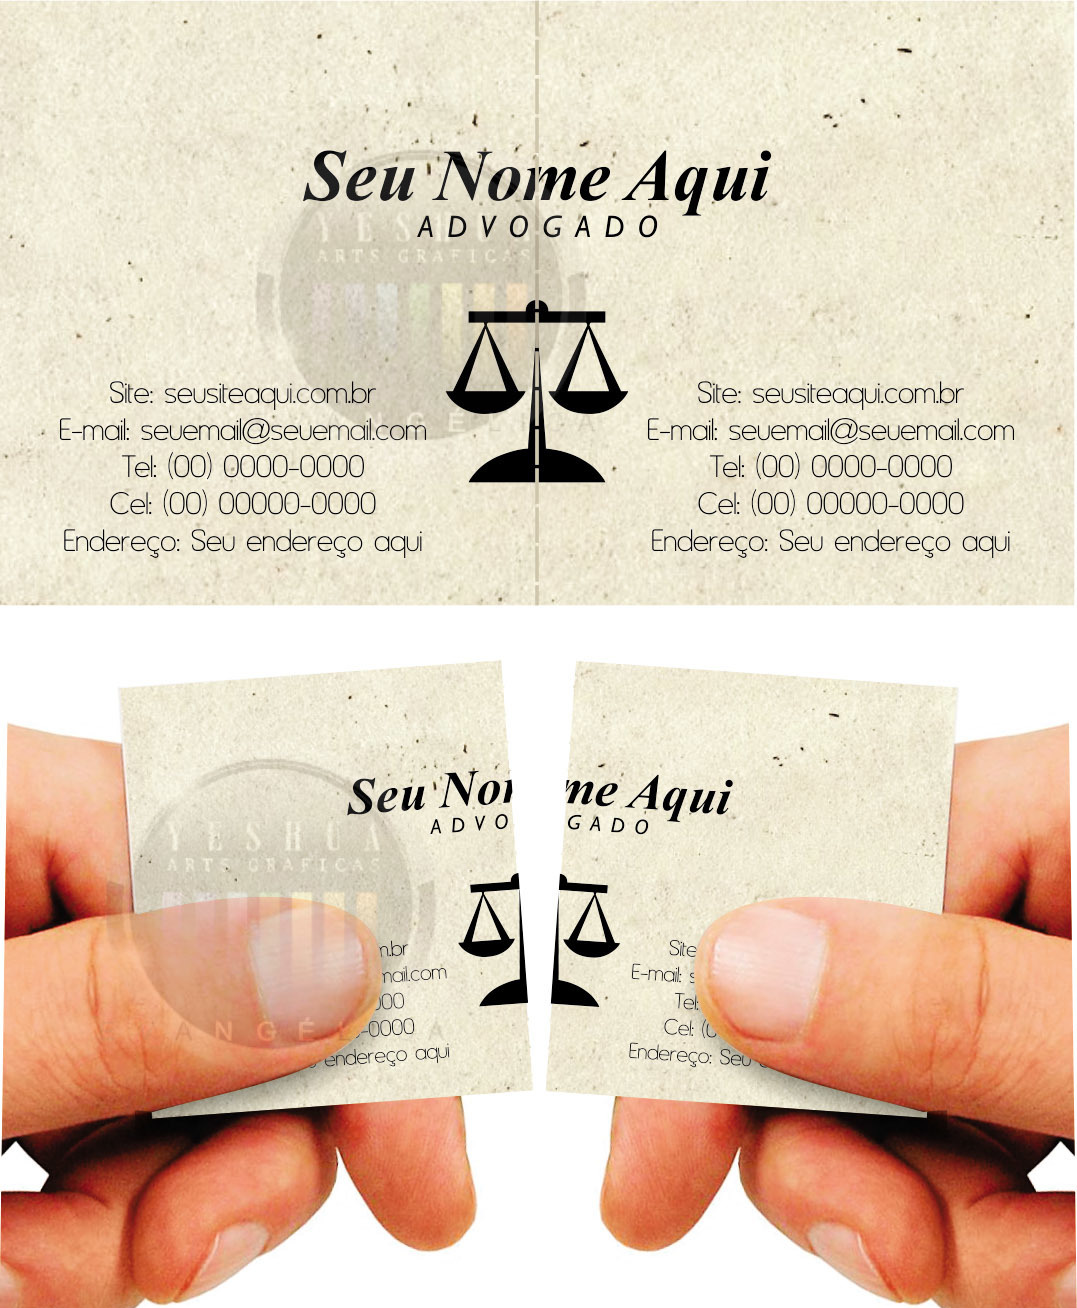 Populares Modelo N580 - Cartão de Visita Advogado WI03